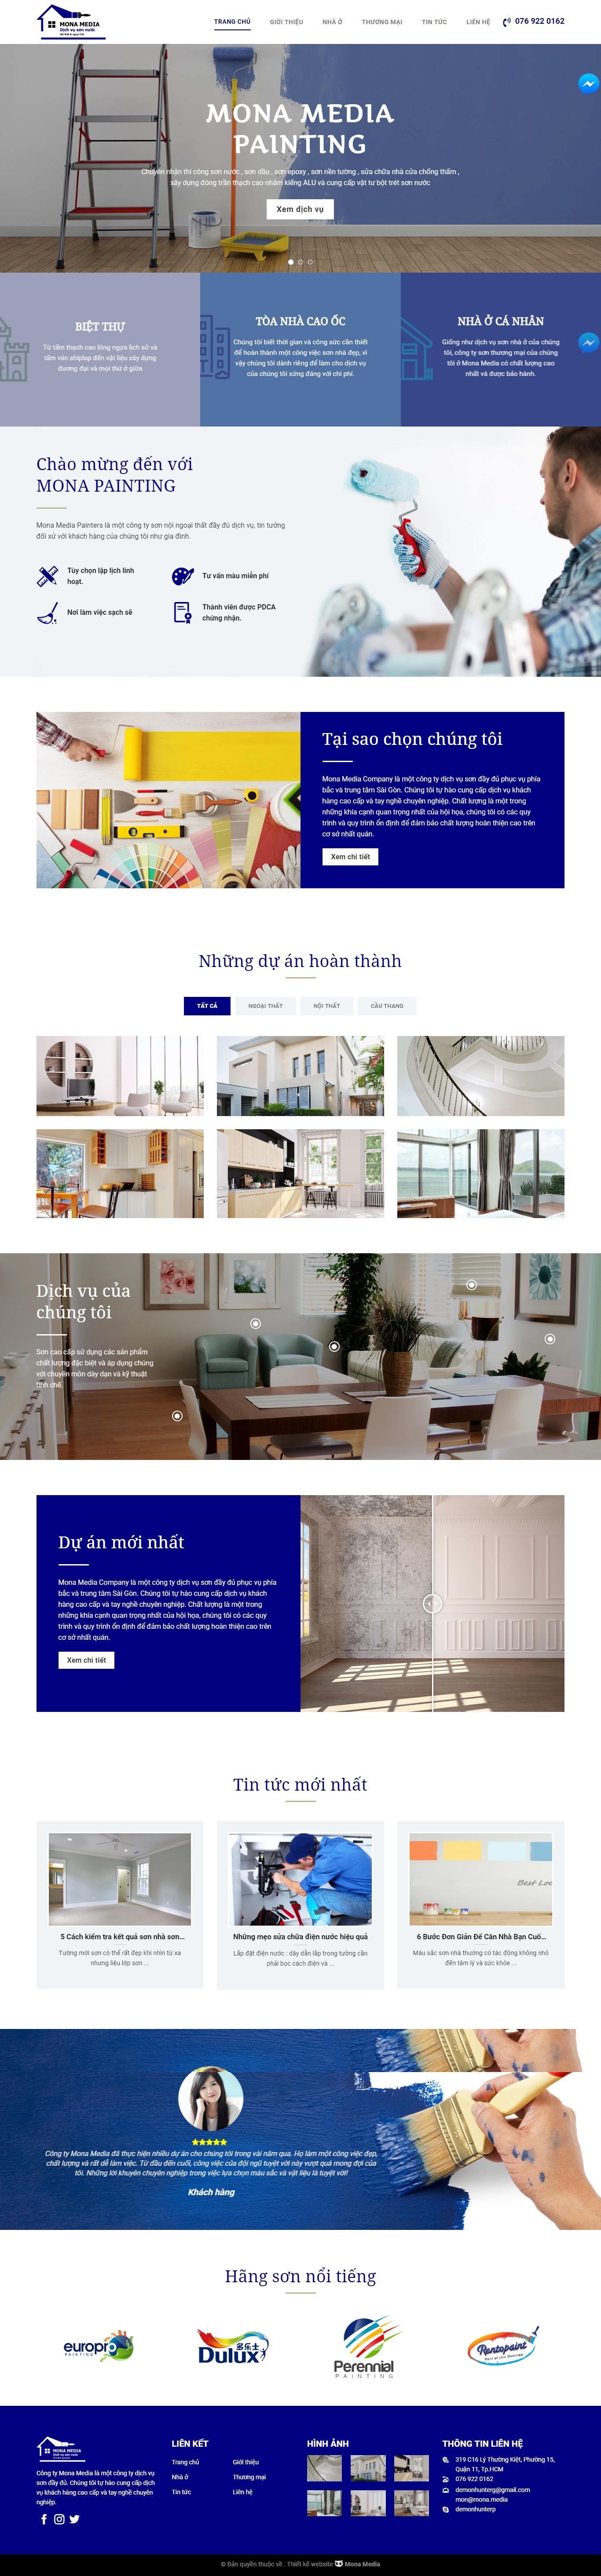 Mẫu website thi công sơn nội ngoại thất